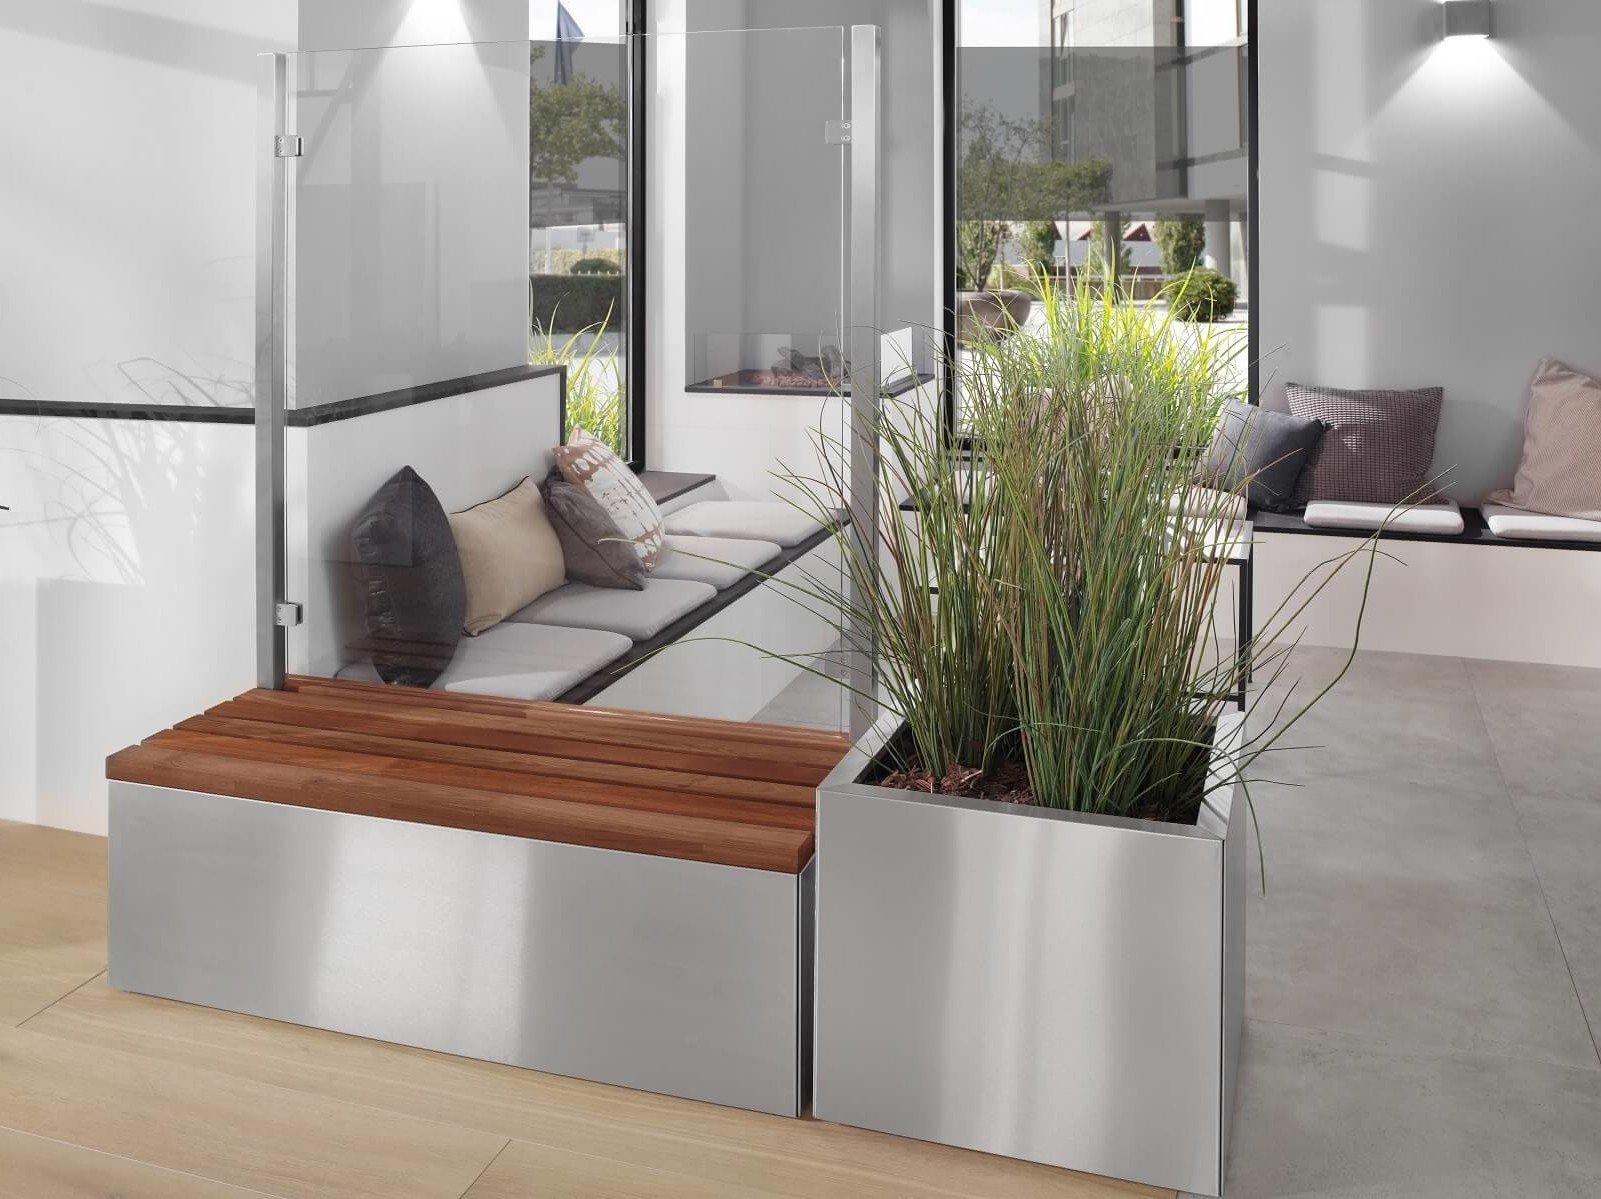 Glastrennwand mit Bank und Pflanzkübel aus Edelstahl nebeneinander in der Hotelloby